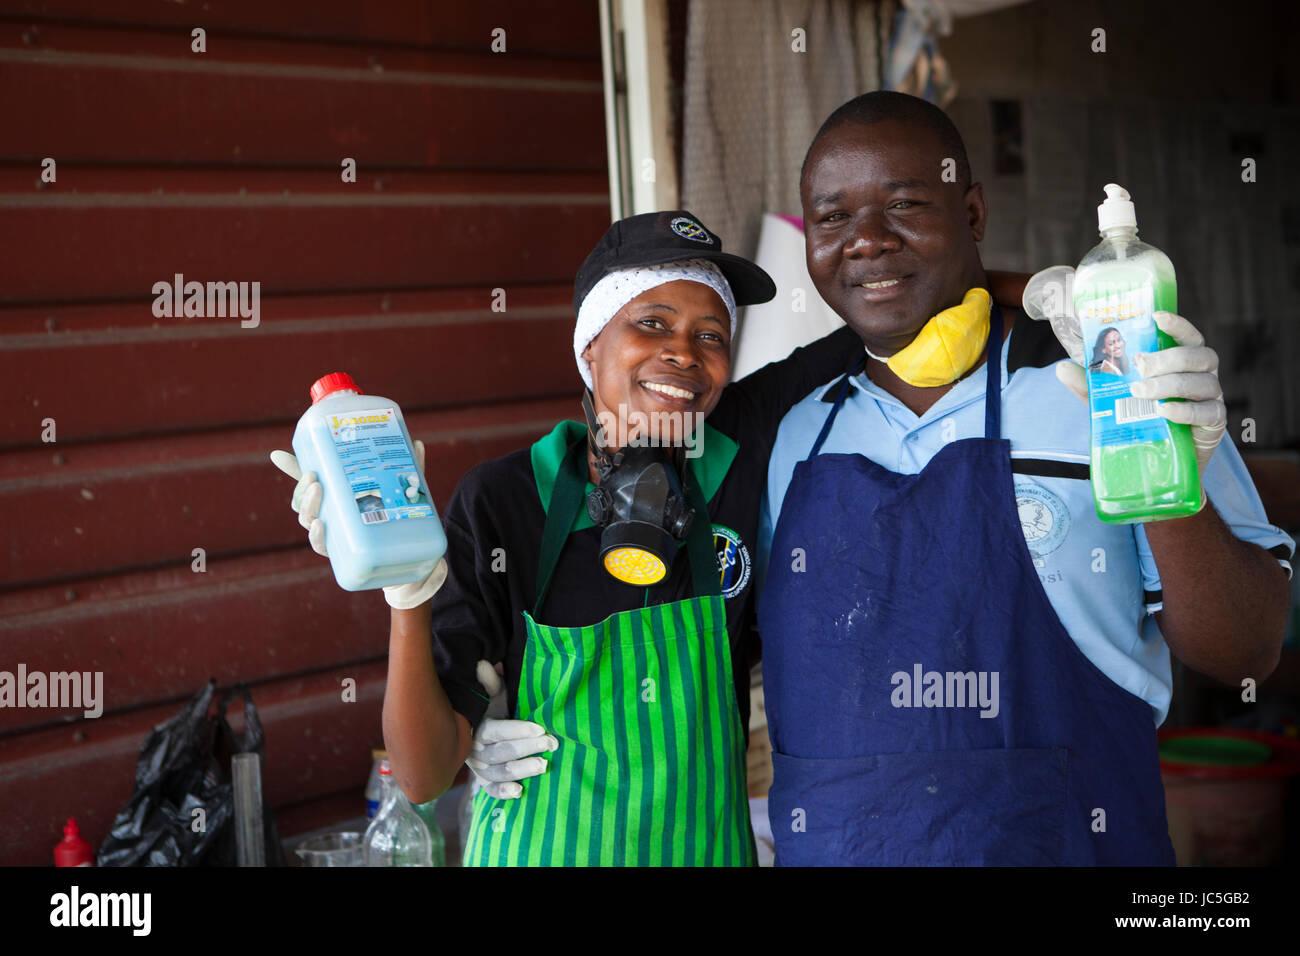 Los propietarios de pequeñas empresas que producen productos de limpieza de Tanzania, África. Imagen De Stock